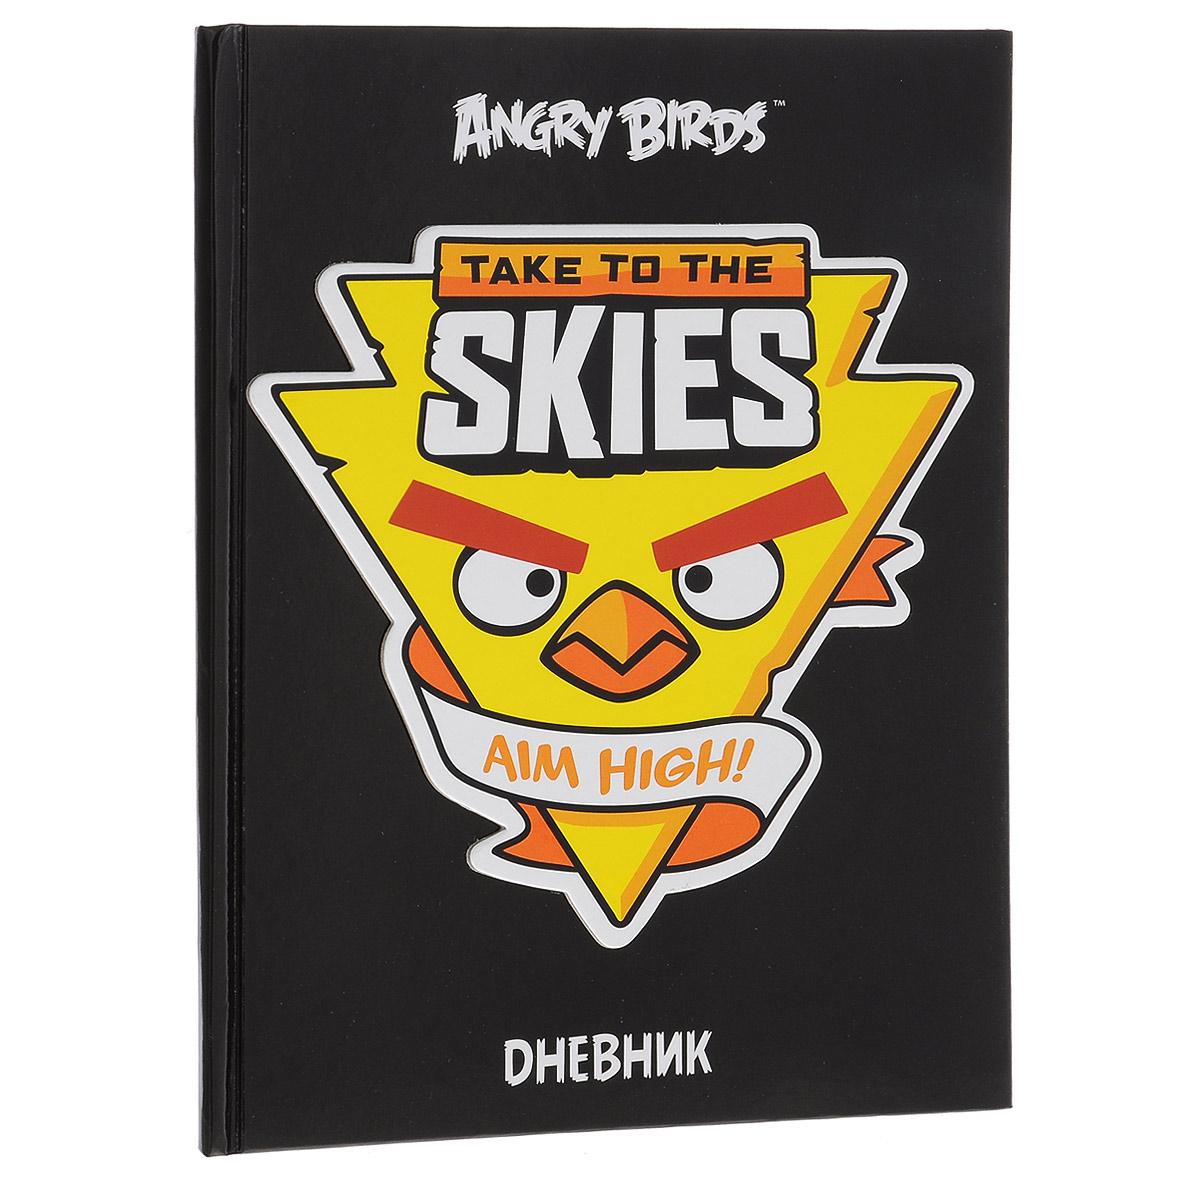 Дневник школьный Hatber Angry Birds, цвет: черный, желтый72523WDШкольный дневник Hatber Angry Birds - первый ежедневник вашего ребенка. Он поможет ему не забыть свои задания, а вы всегда сможете проконтролировать его успеваемость. Дневник предназначен для учеников 1-11 классов.Внутренний блок дневника состоит из 40 листов белой бумаги с линовкой черного цвета и с изображением забавных птичек из игры Angry Birds на каждой страничке. Обложка выполнена из плотного глянцевого картона с объемной наклейкой.В структуру дневника входят все необходимые разделы: информация о личных данных ученика, школе и педагогах, друзьях и одноклассниках, расписание факультативов и уроков по четвертям, сведения об успеваемости. Дневник содержит номера телефонов экстренной помощи и даты государственных праздников. Школьный дневник Hatber Angry Birds станет отличным помощником ребенку в освоении новых знаний, а также отметит его успехи и достижения. Рекомендуемый возраст: от 6 лет.